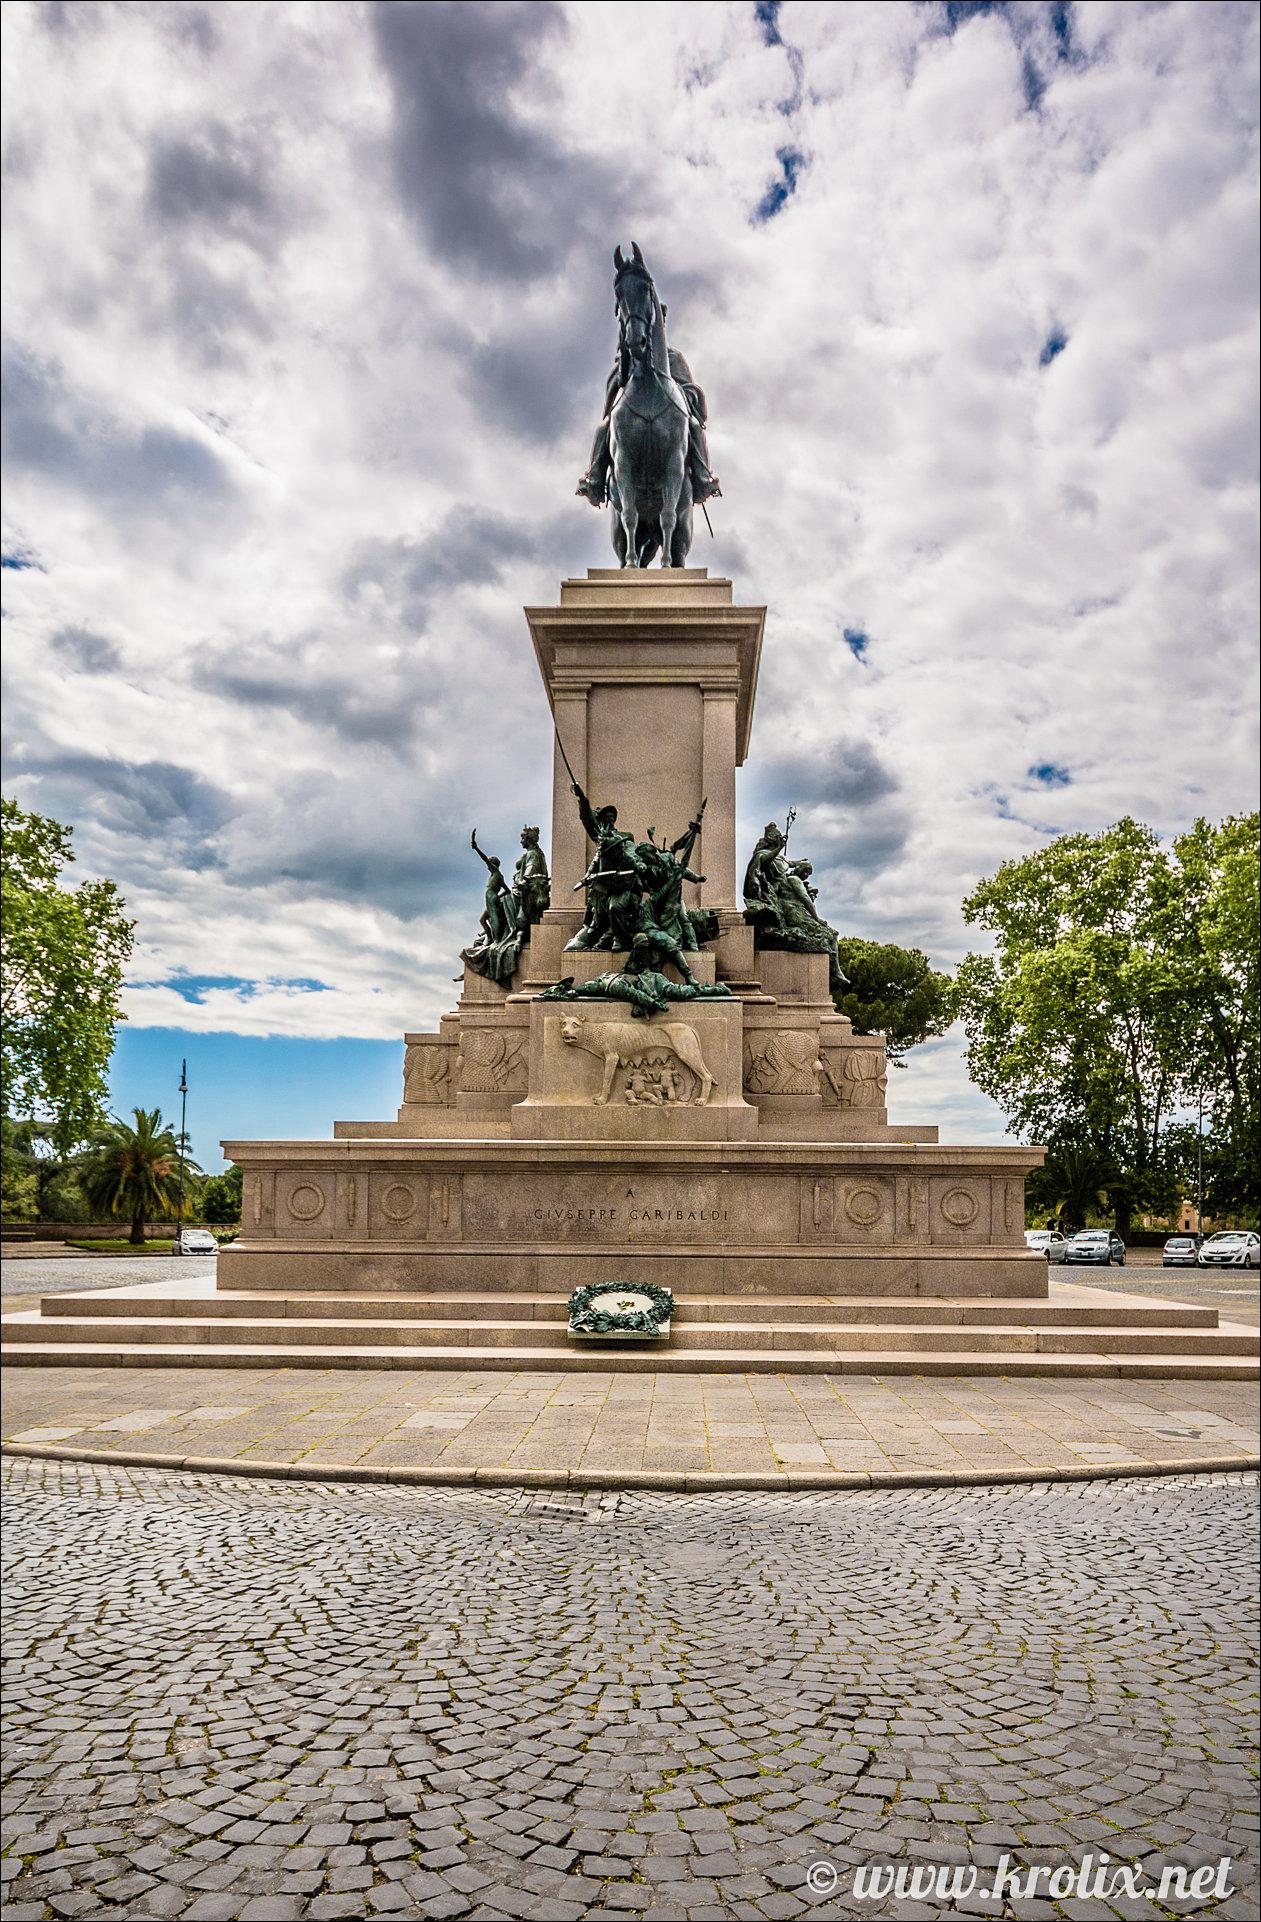 3. Памятник Джузеппе Гарибальди в Риме